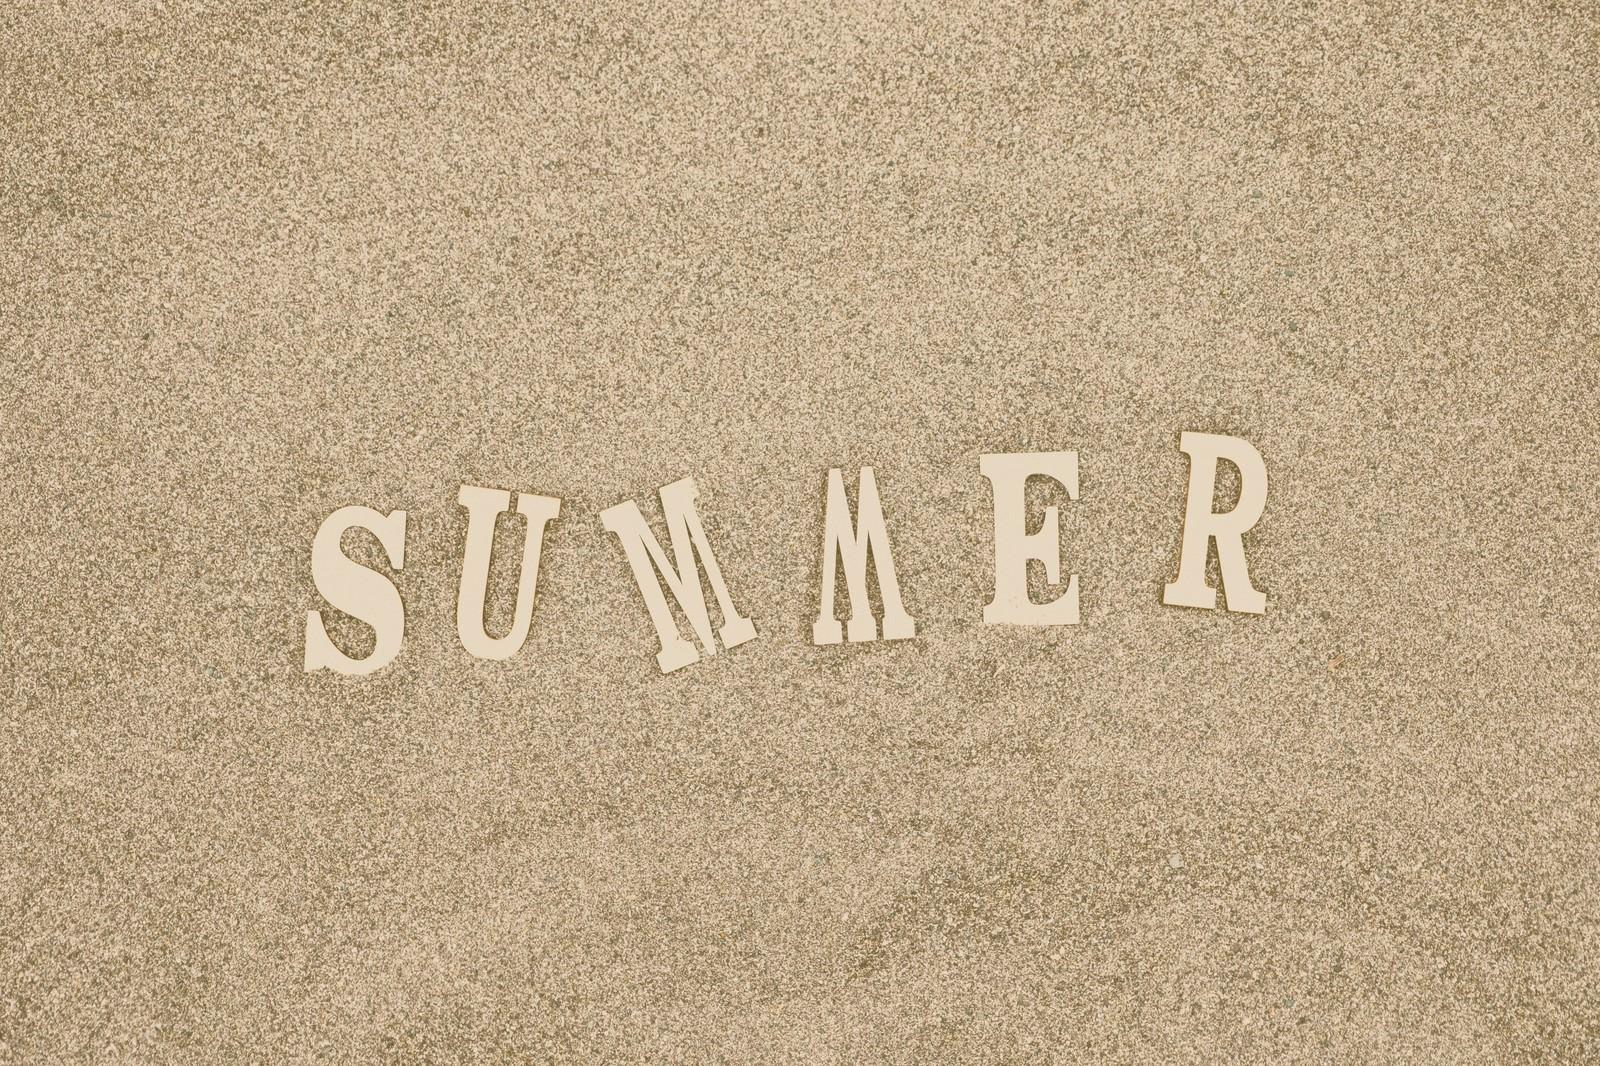 「砂浜と「SUMMER」の文字砂浜と「SUMMER」の文字」のフリー写真素材を拡大